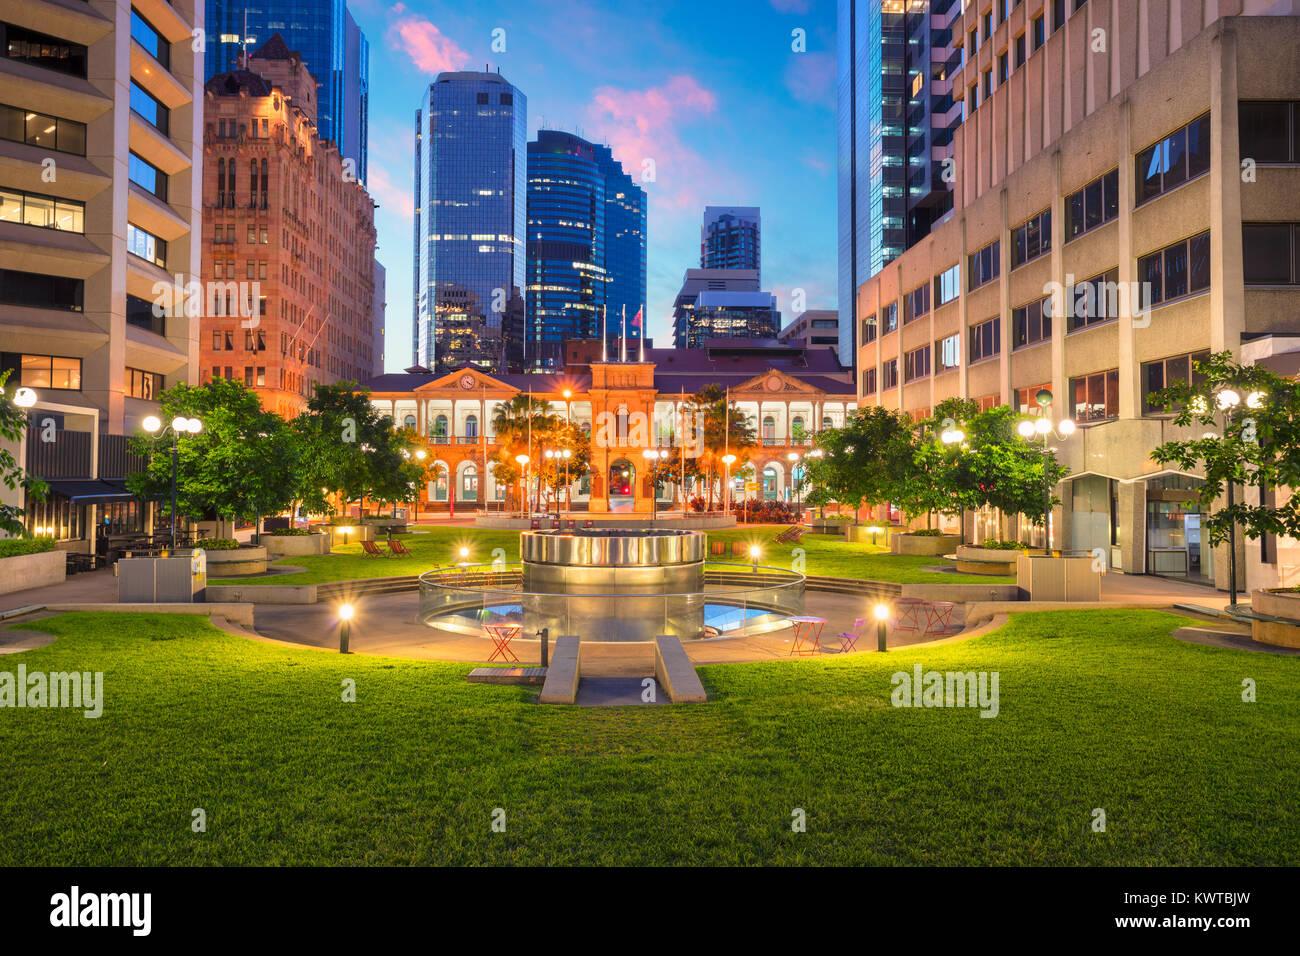 Brisbane. Imagen del paisaje urbano de la Plaza Cívica en el centro de Brisbane, Australia durante el amanecer. Imagen De Stock